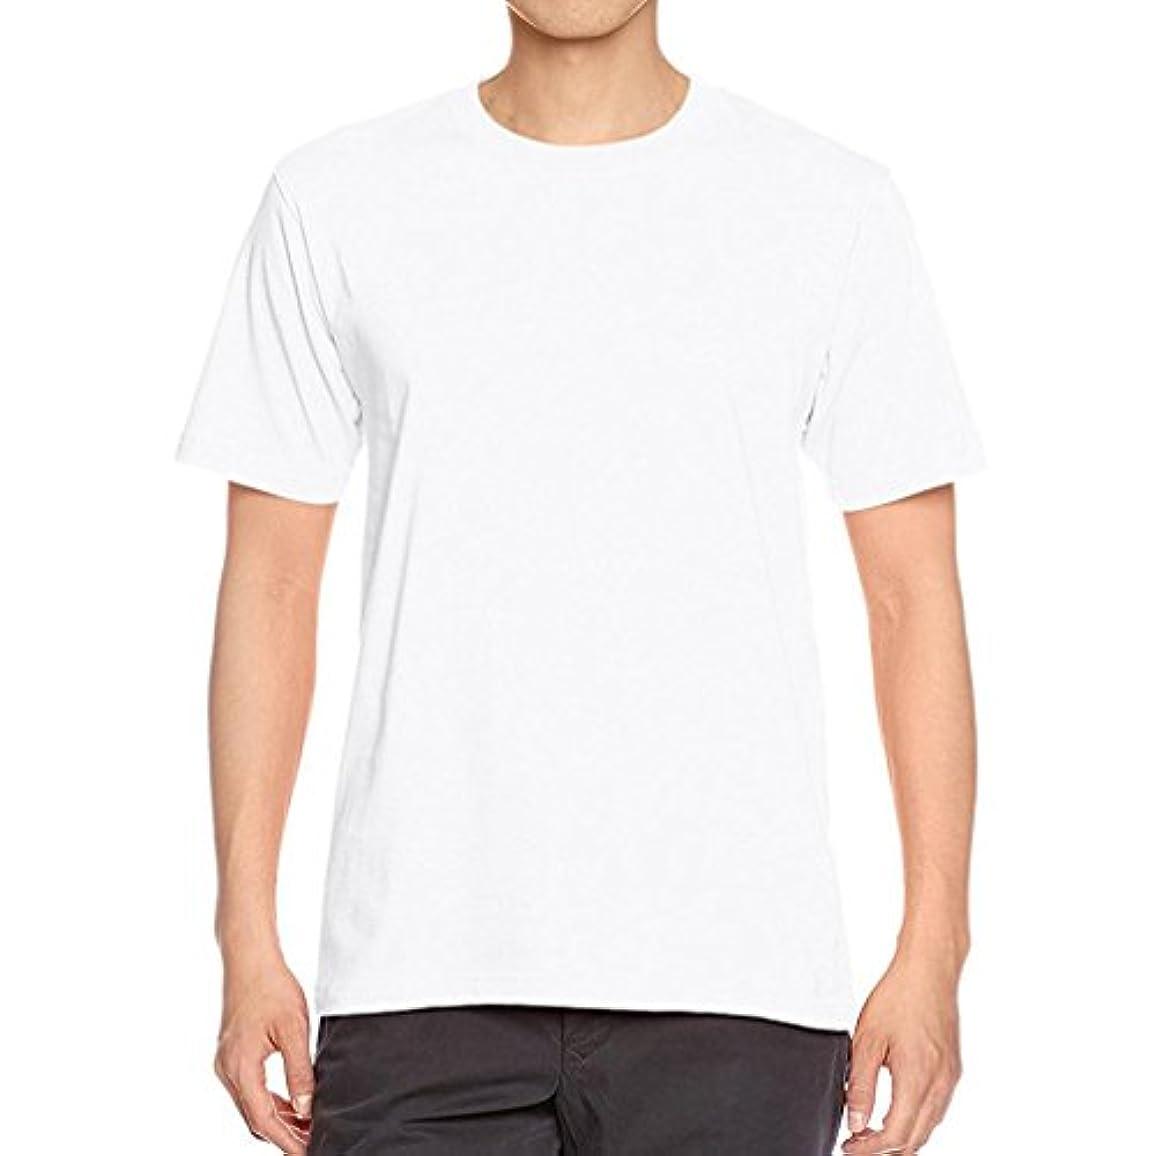 敏感な歌詞シミュレートするDAISUKI メンズ Tシャツ Oネック 半袖 無地 トップスファッション カジュアル シンプル シャツ トレーナー スポーツ さわやか トップス フォーマル コート ファッション(ホワイト,ブラック,グレー, ネイビー)